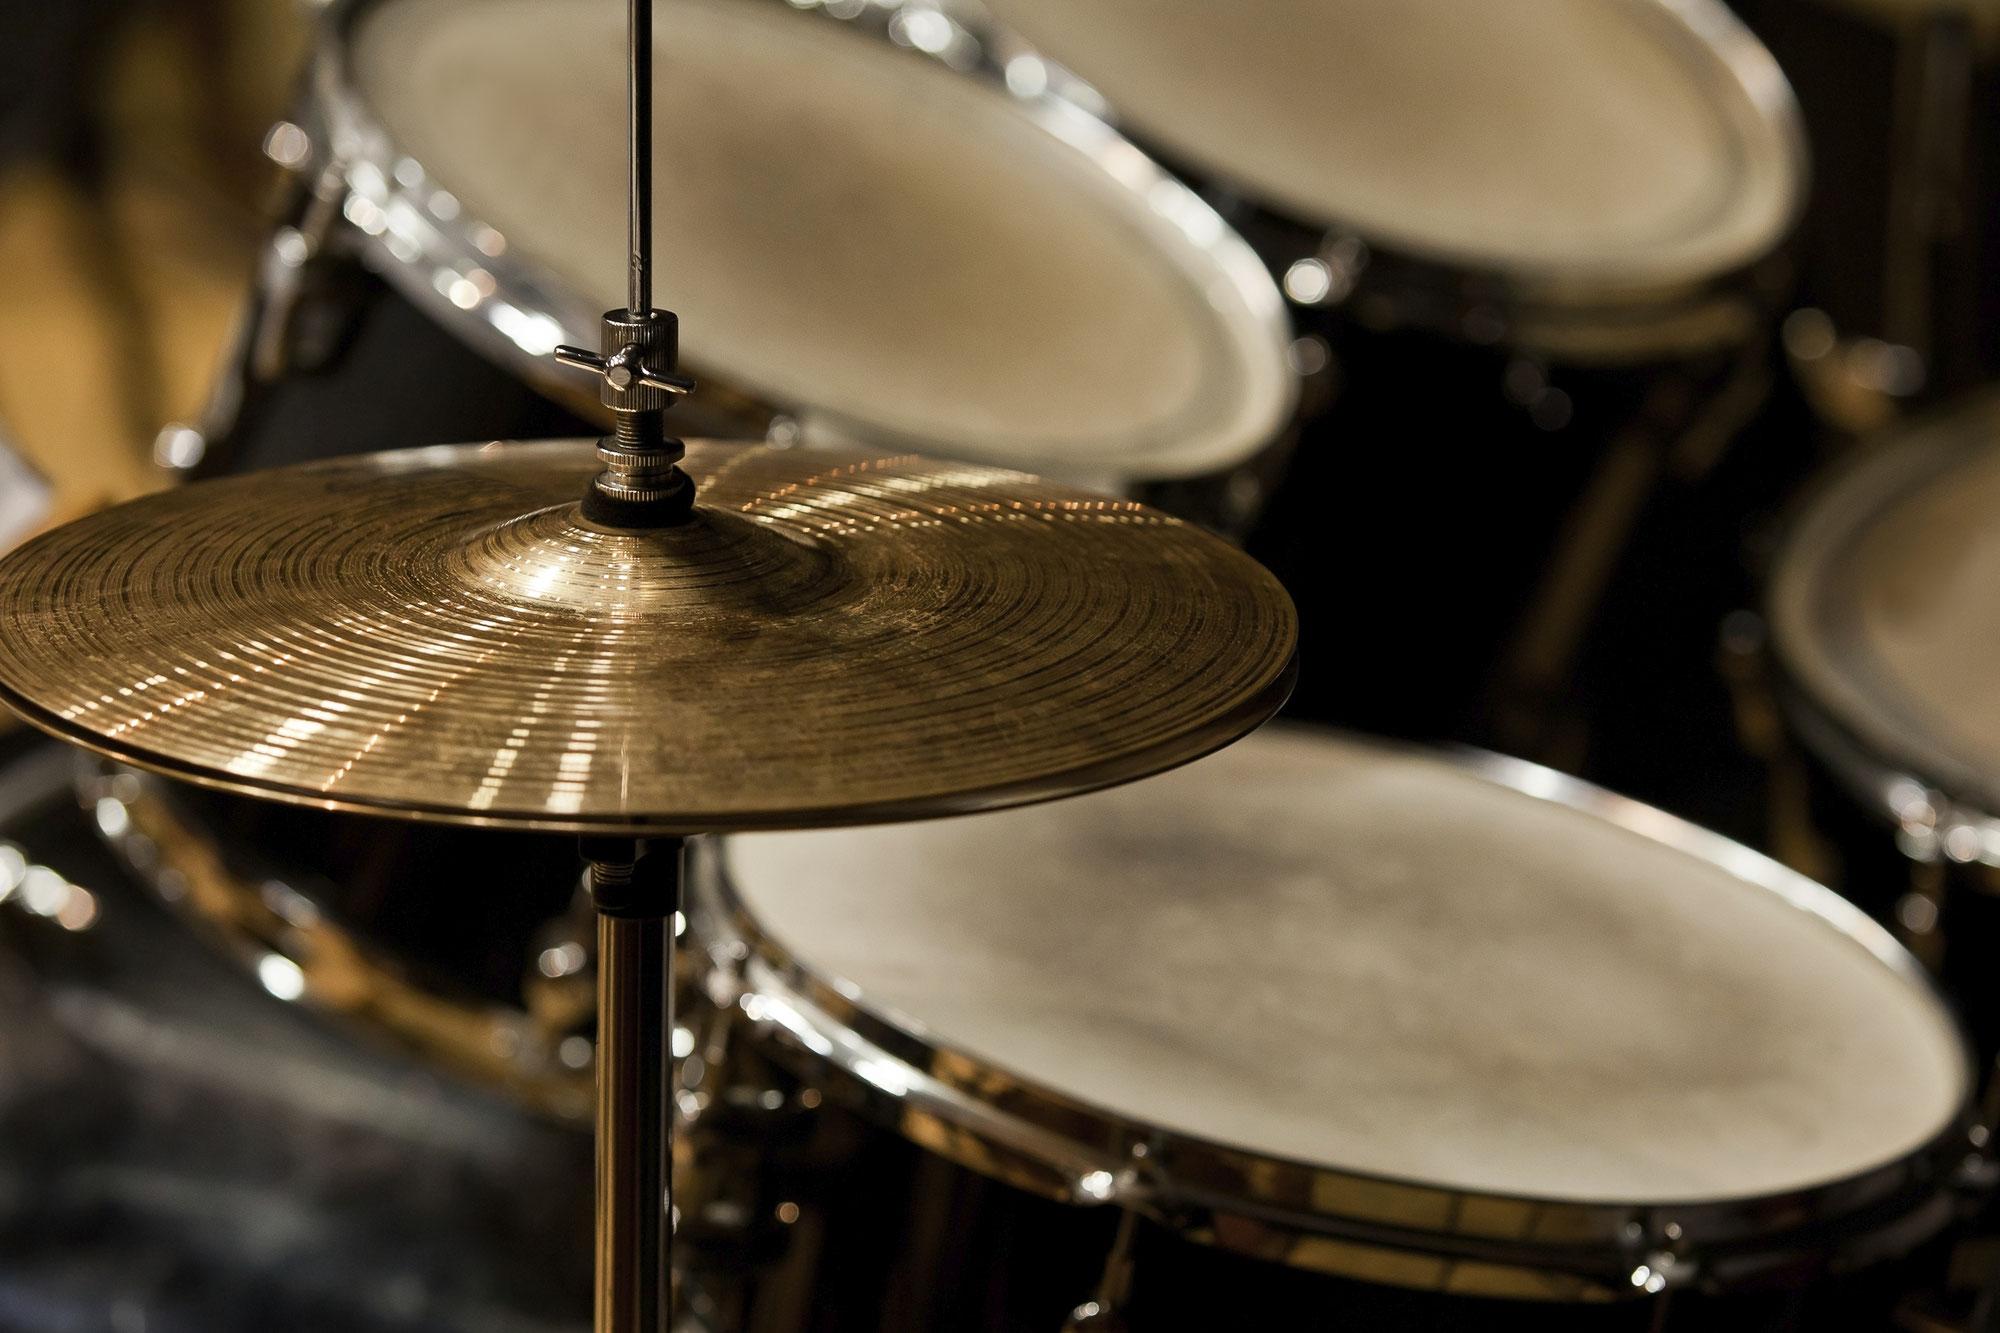 Erinnerung: Drumrecording in der Musikschule (26.07 - 30.07)